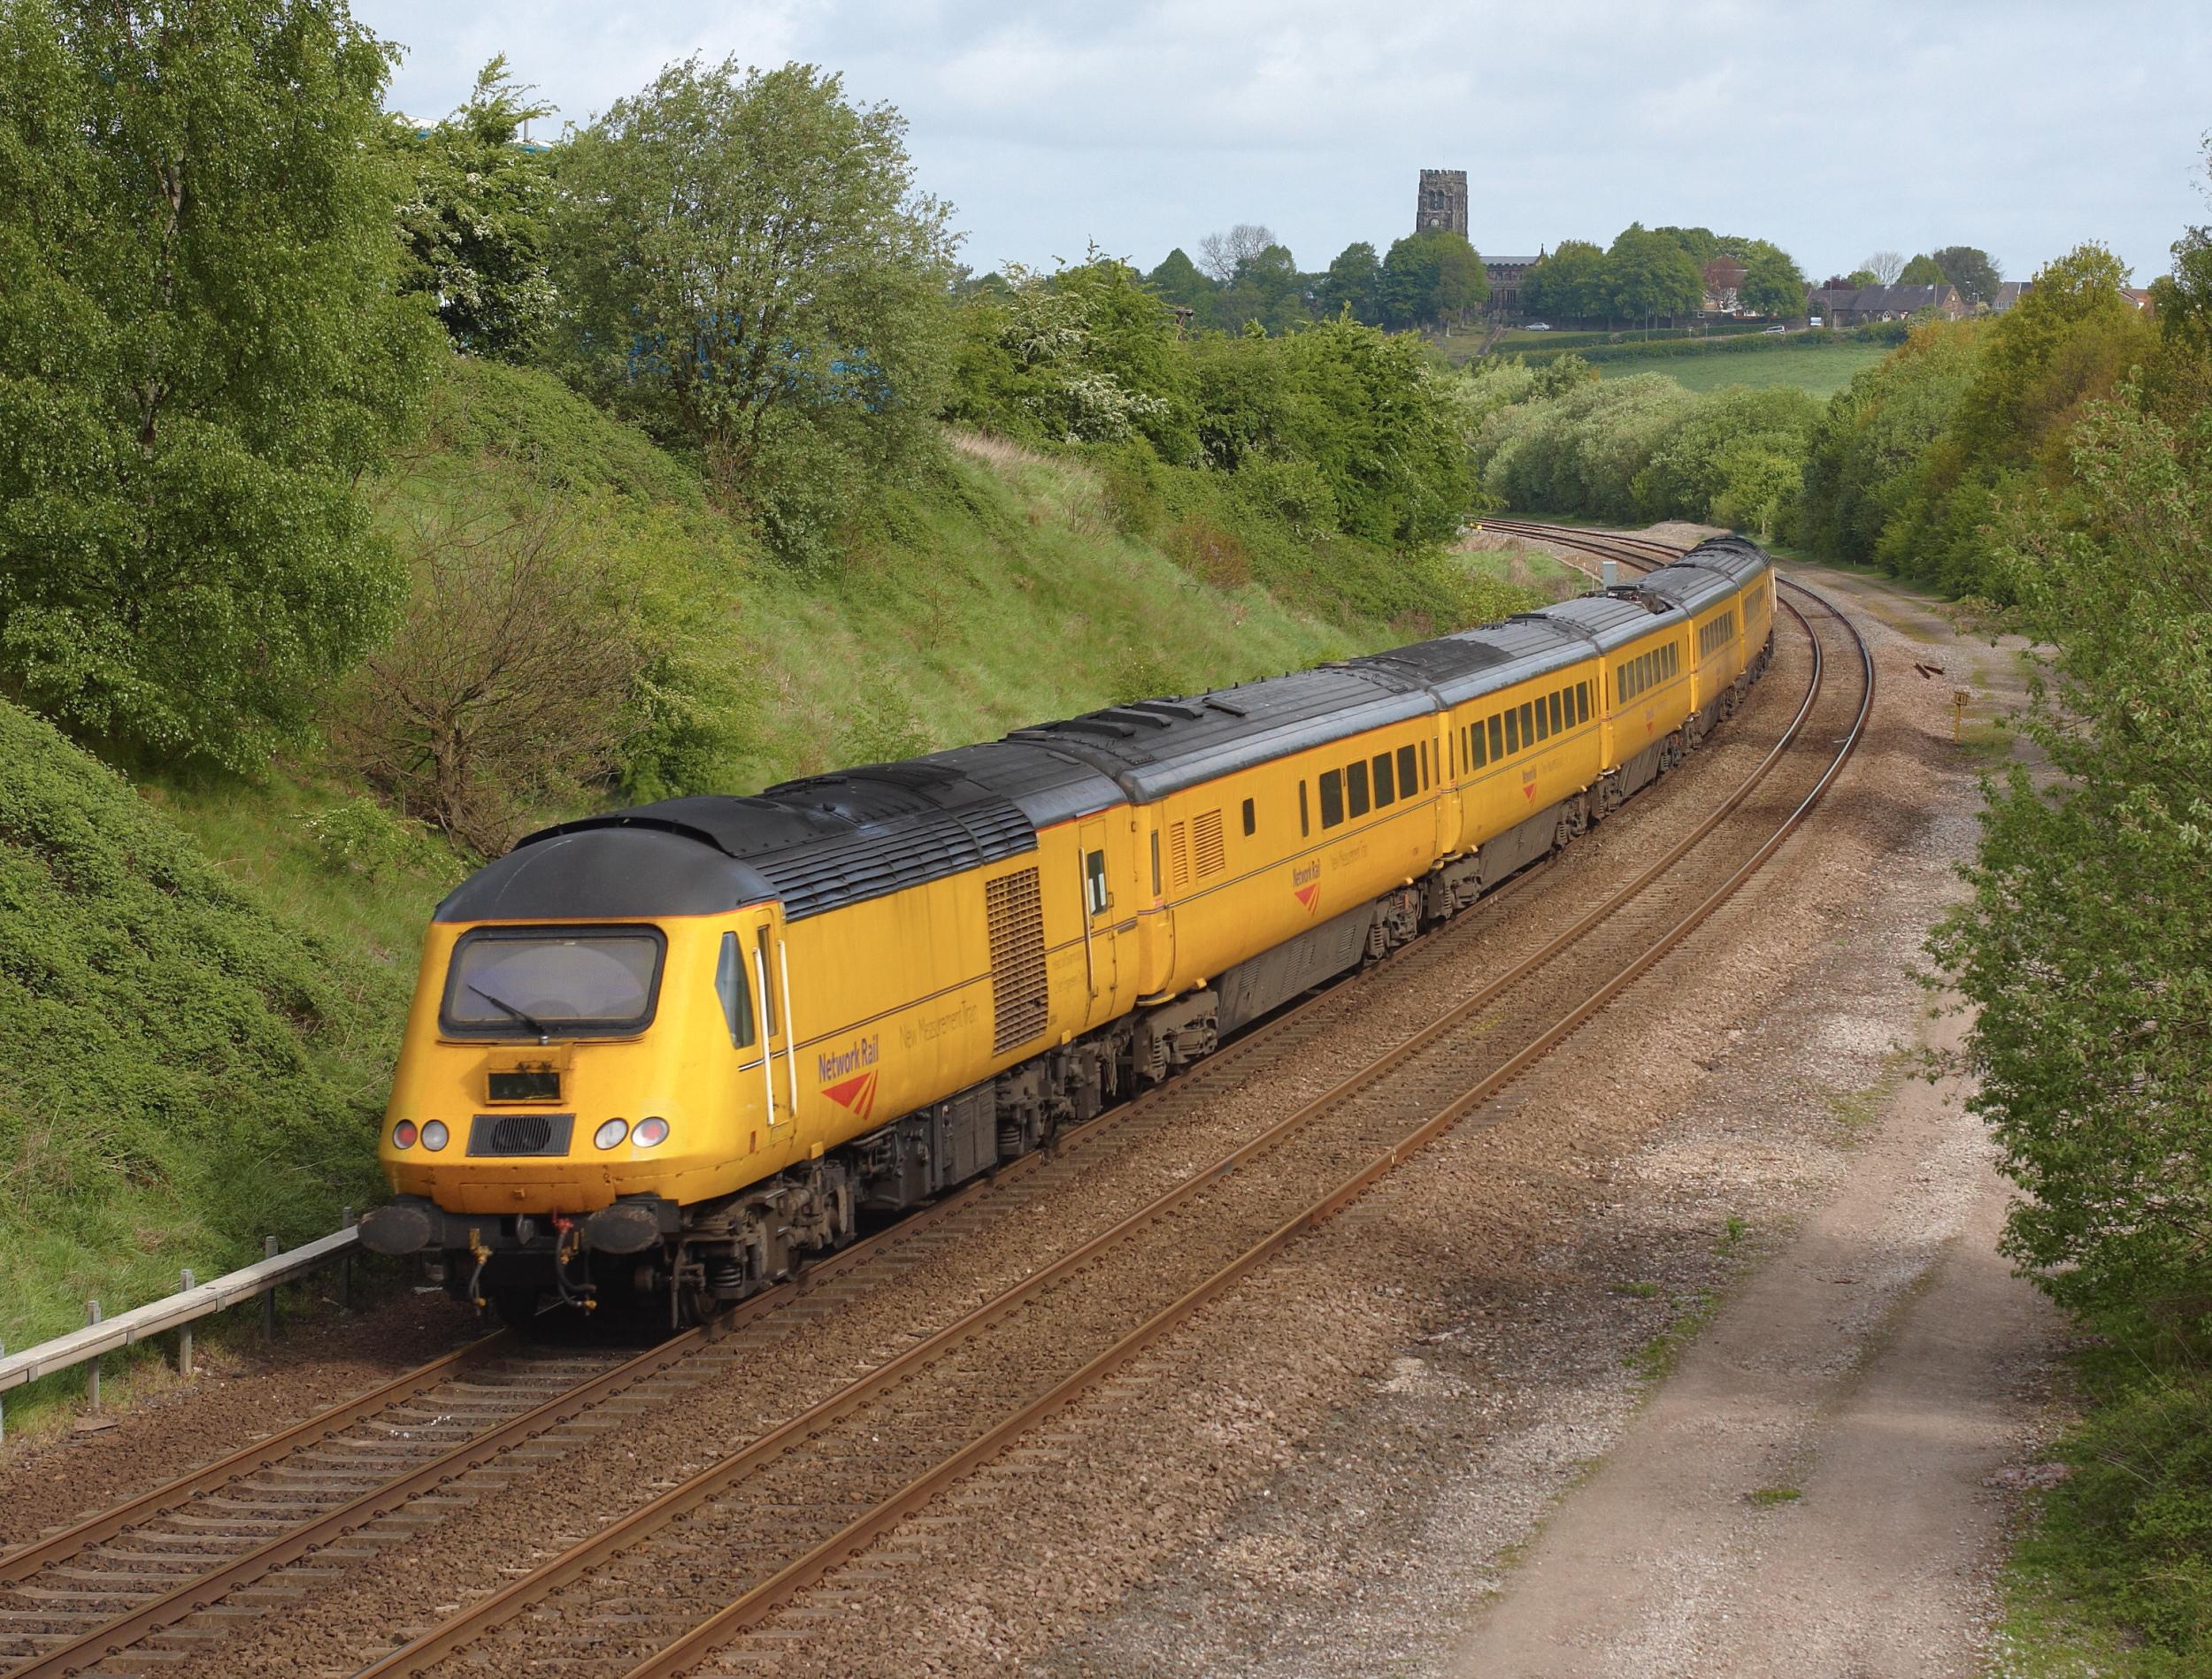 File:New Measurement train Danesmoor.jpg